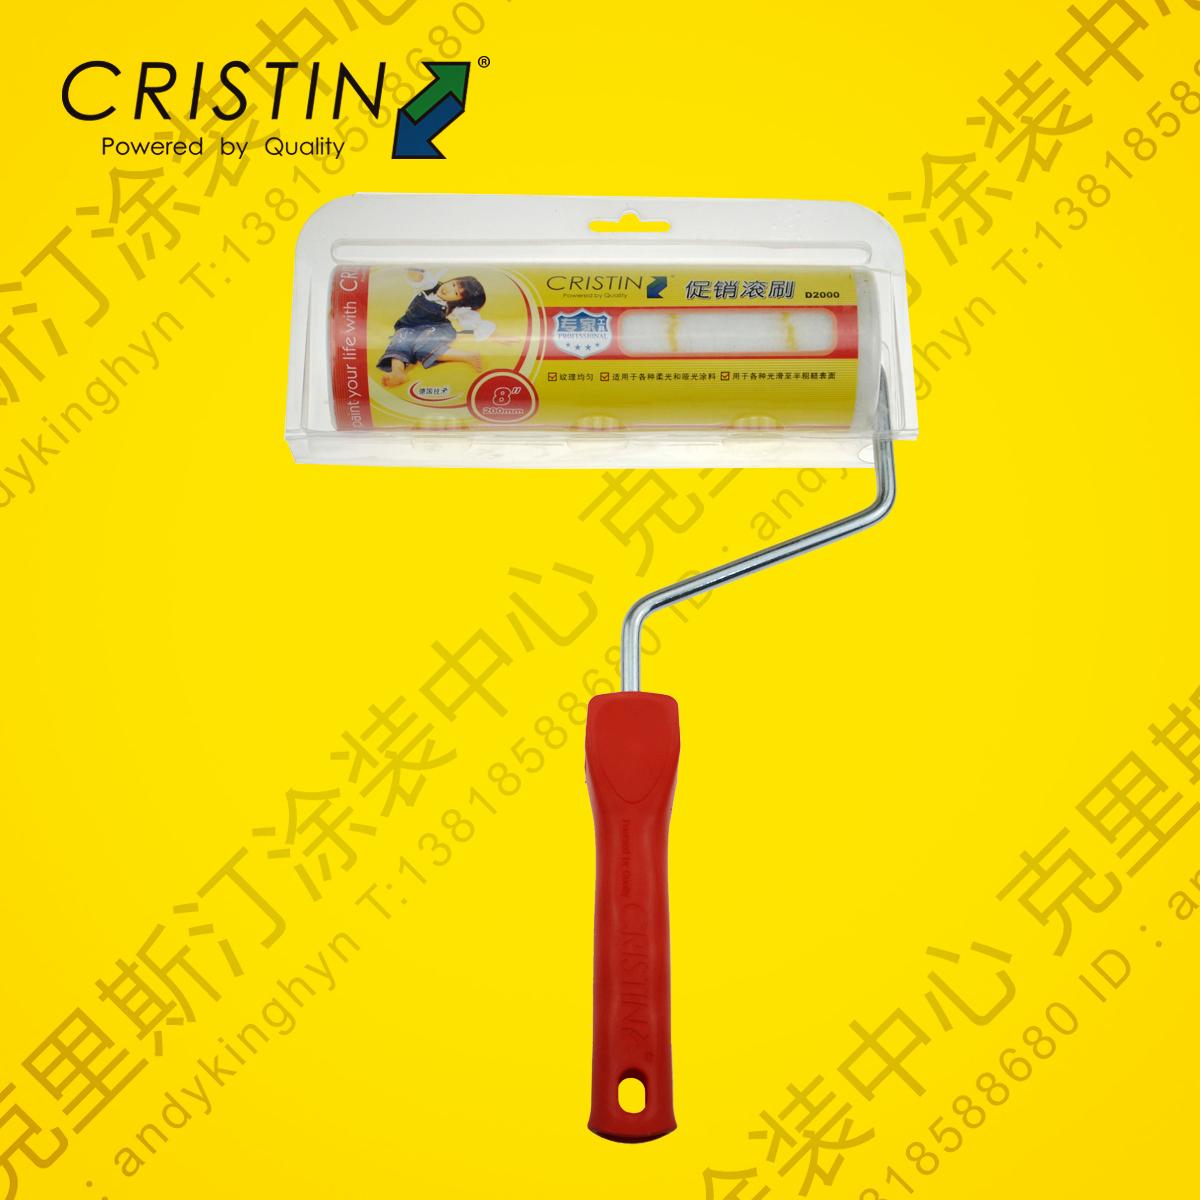 Германия Kristen 8-дюймовая длинная ручка для волос / внешняя роликовая щетка / толстый ролик для волос / грунтовка D2000